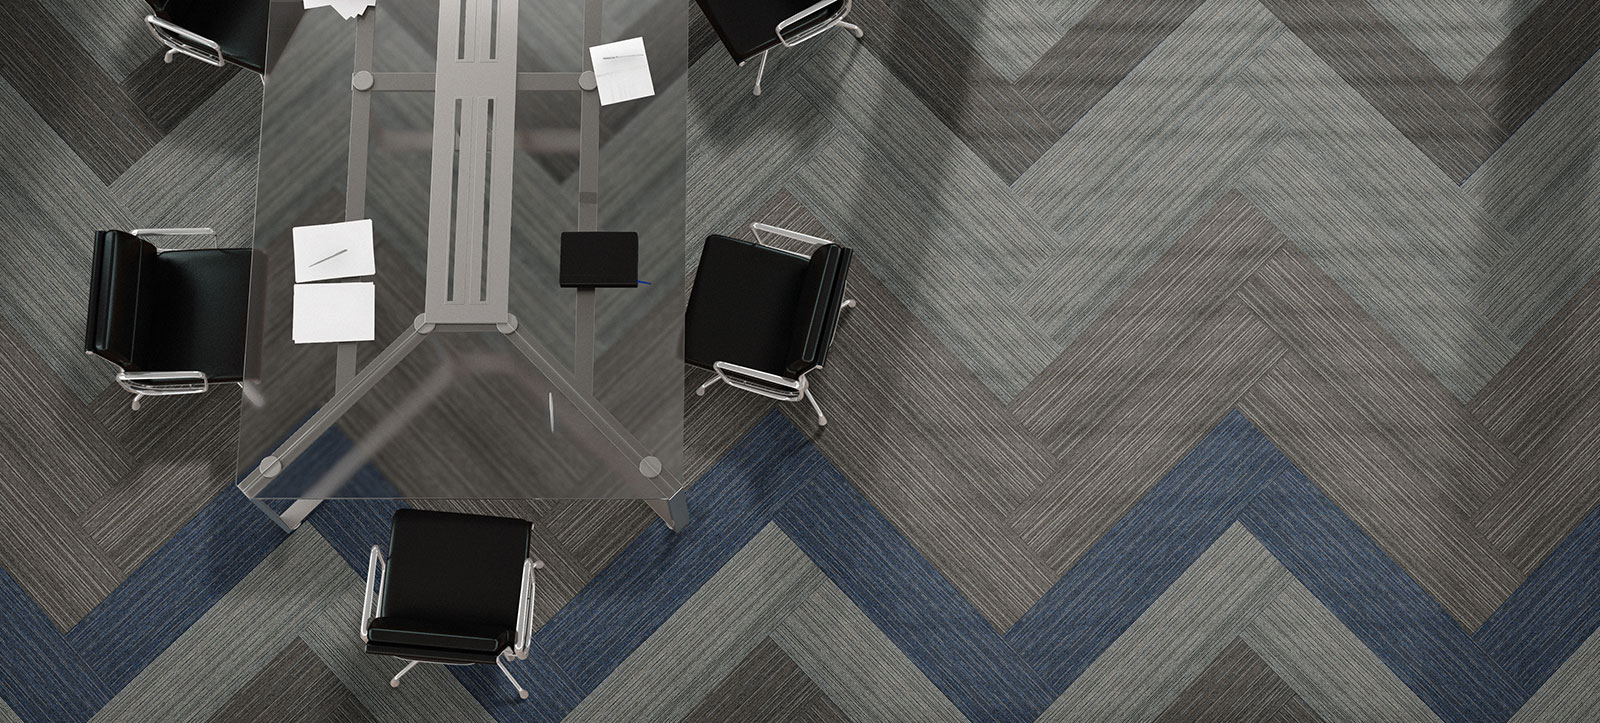 Carpete em Placas